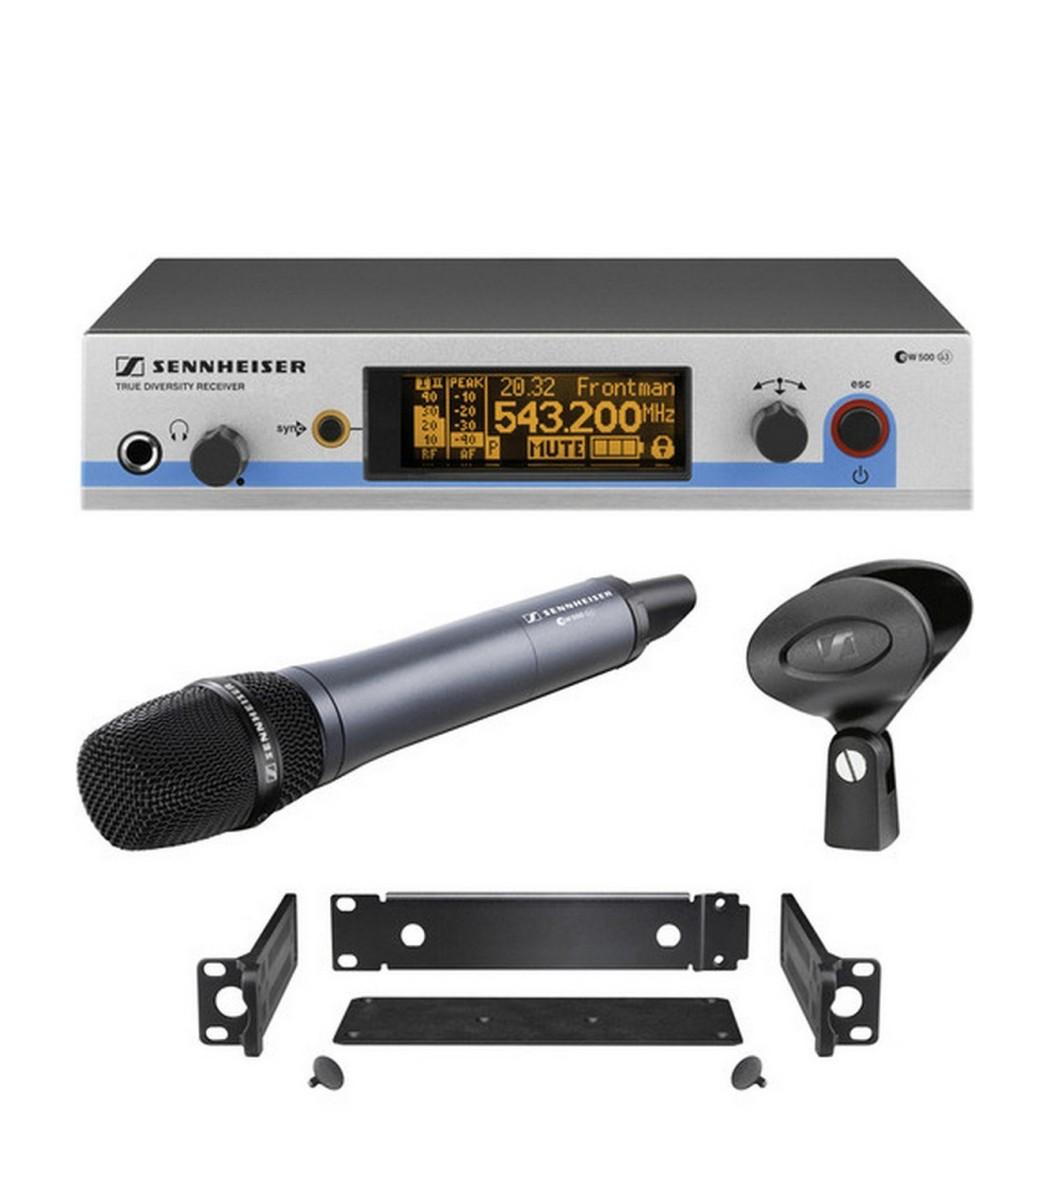 Sennheiser EW 500-965 G3 Sistema Microfone Sem Fio